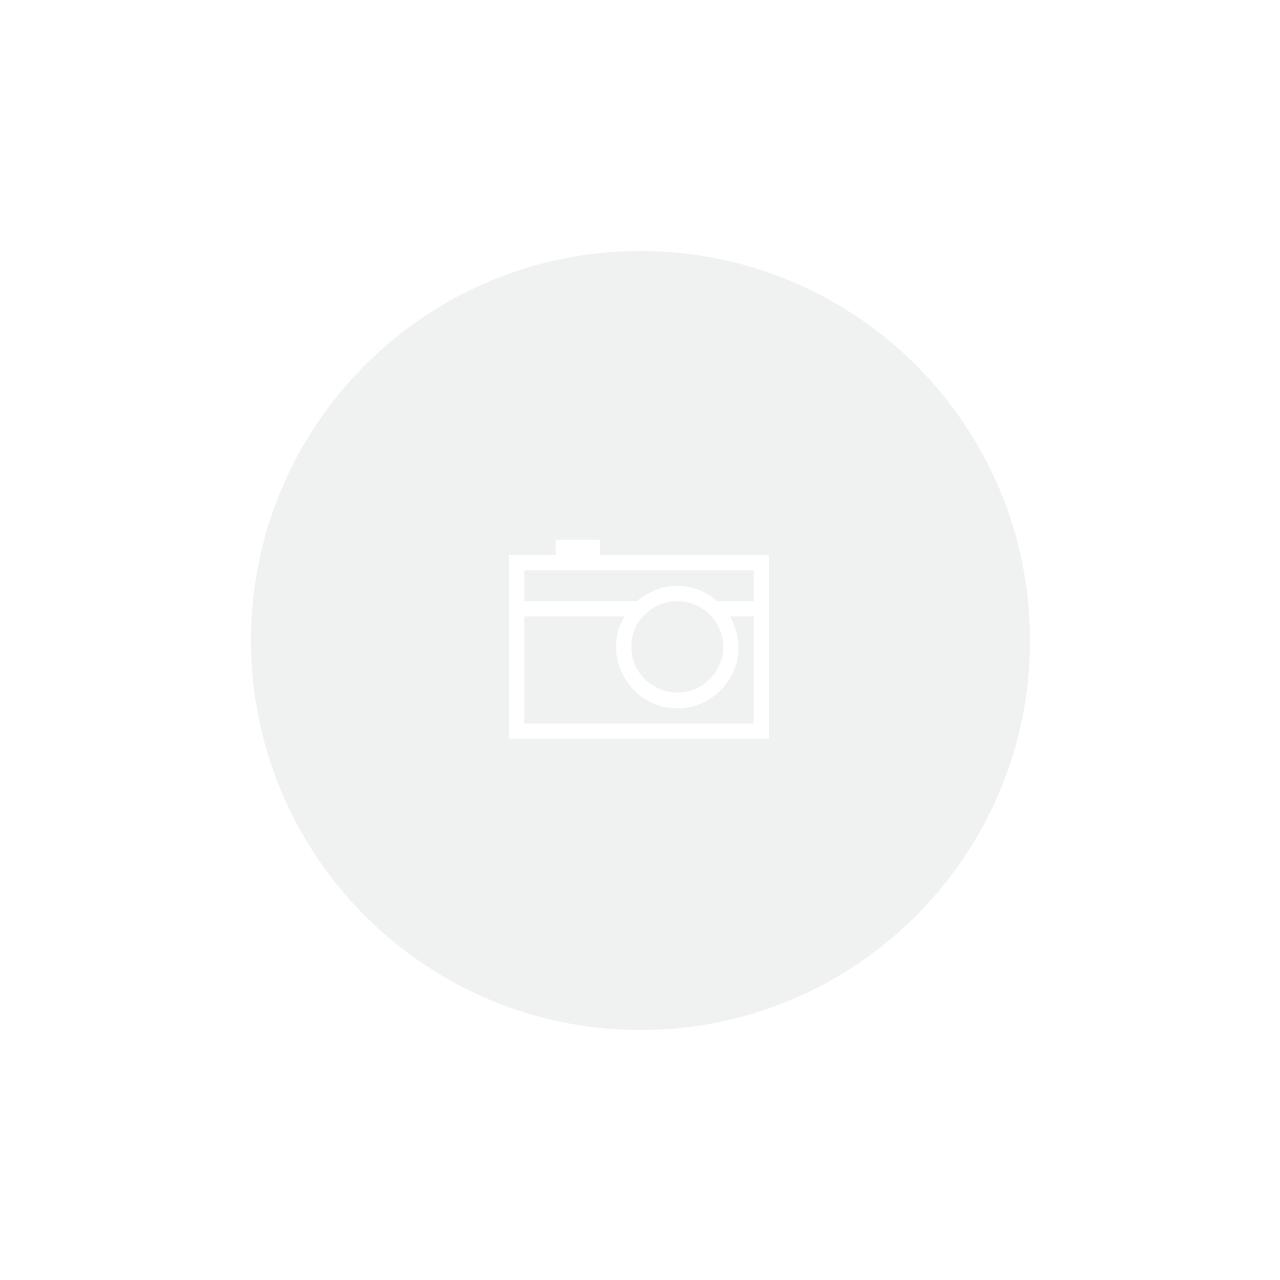 Vinho Bacalhau Branco by Paulo Laureano - 750ml